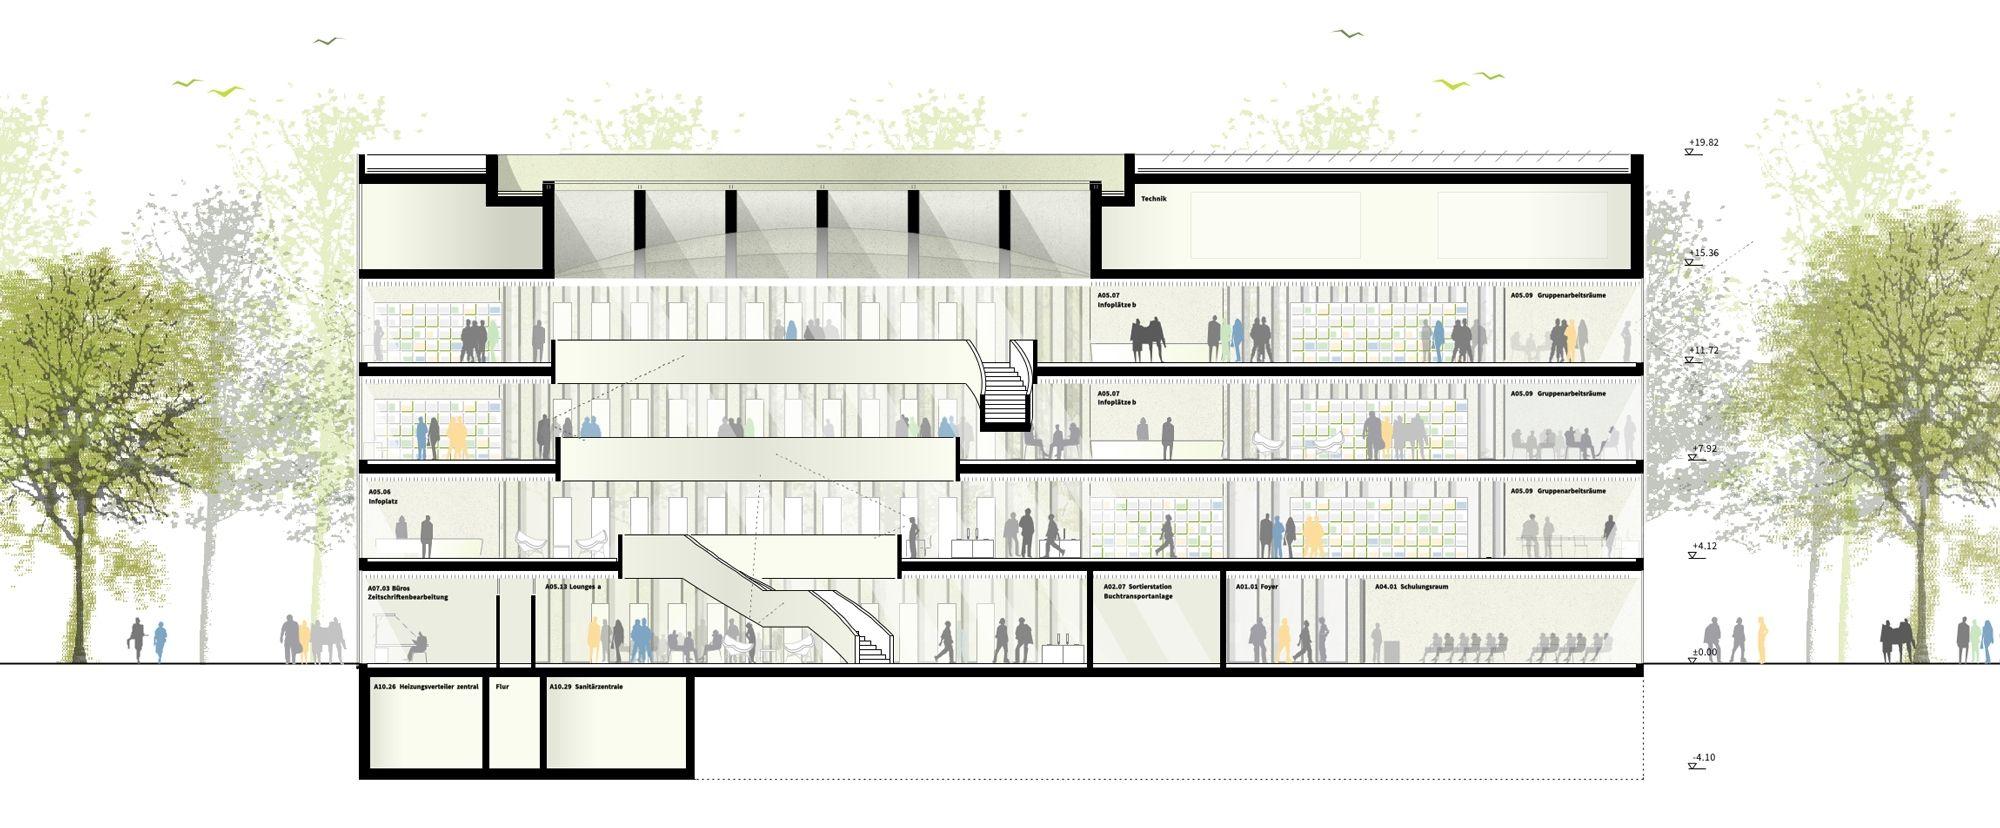 2 Preis Schnitt C H4a Architekten Zentralbibliothek